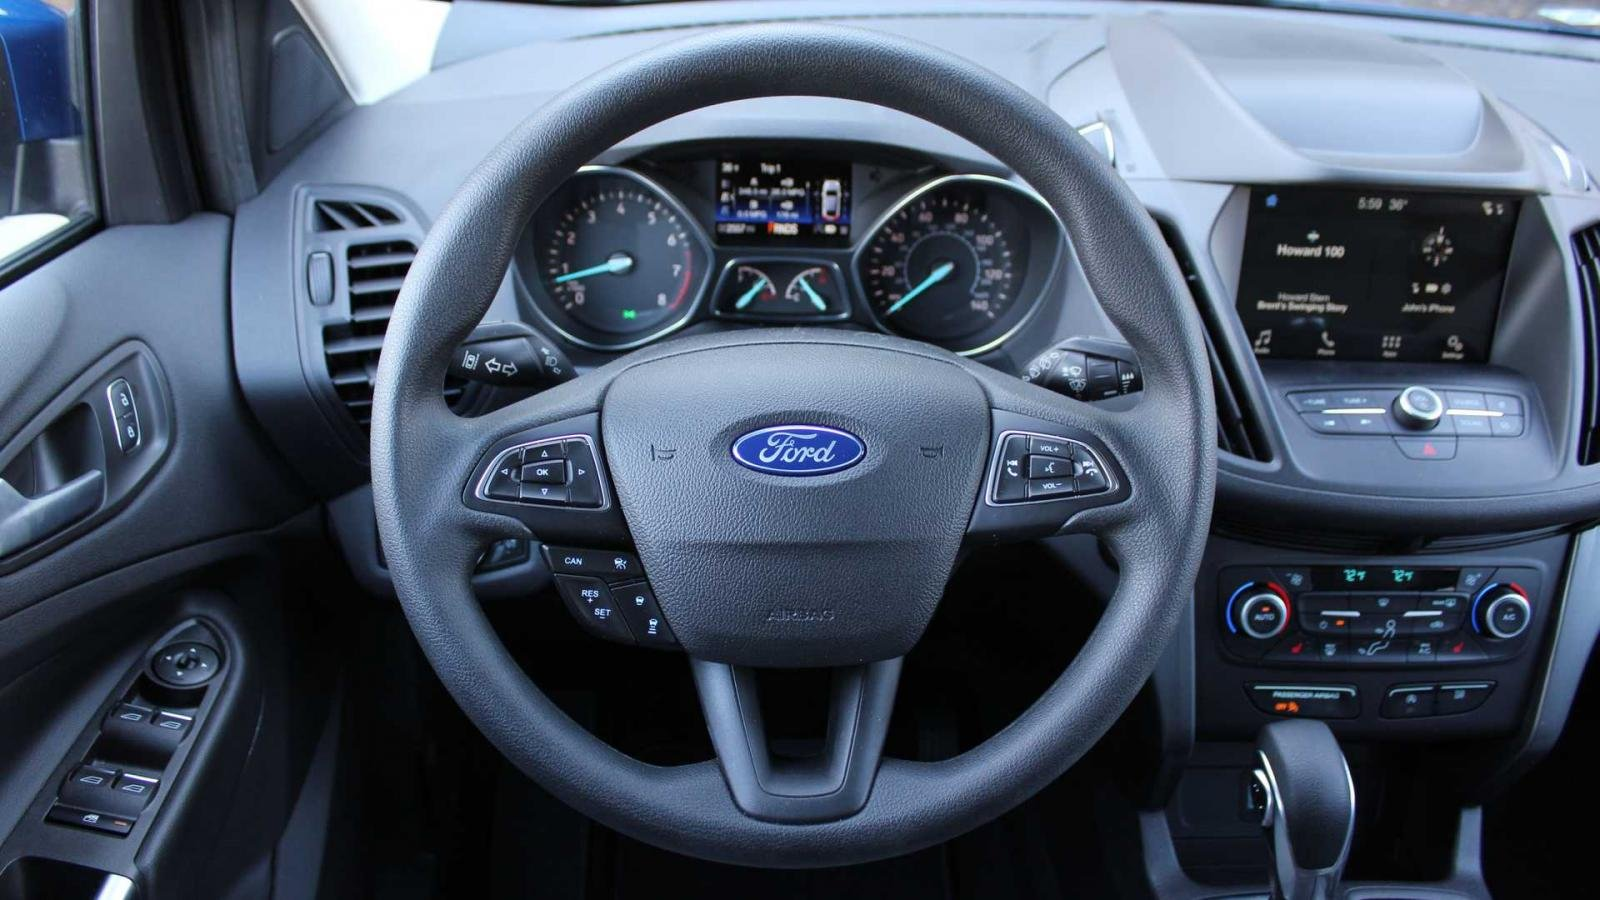 Phân biệt xe Ford Escape 2020 và đời cũ qua ảnh a24